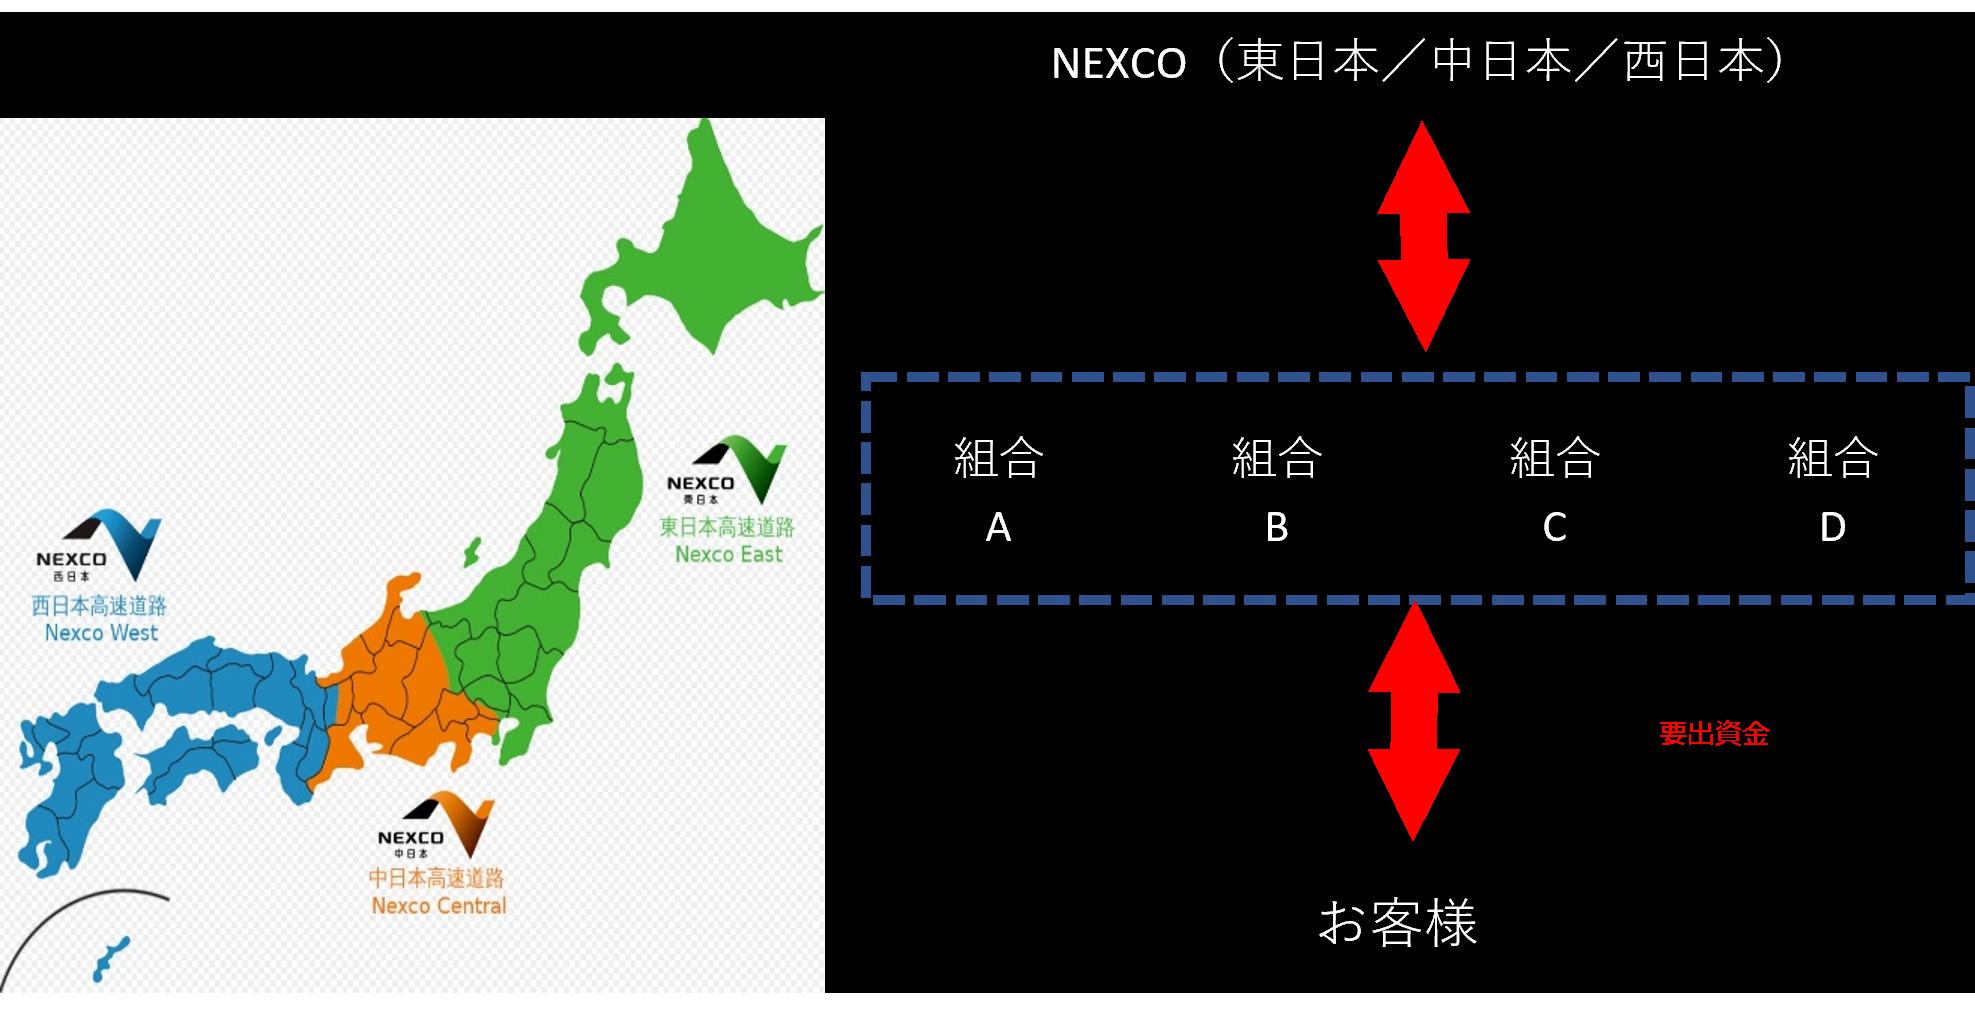 高速道路団体を管理しているNEXCO(東日本/中日本/西日本)